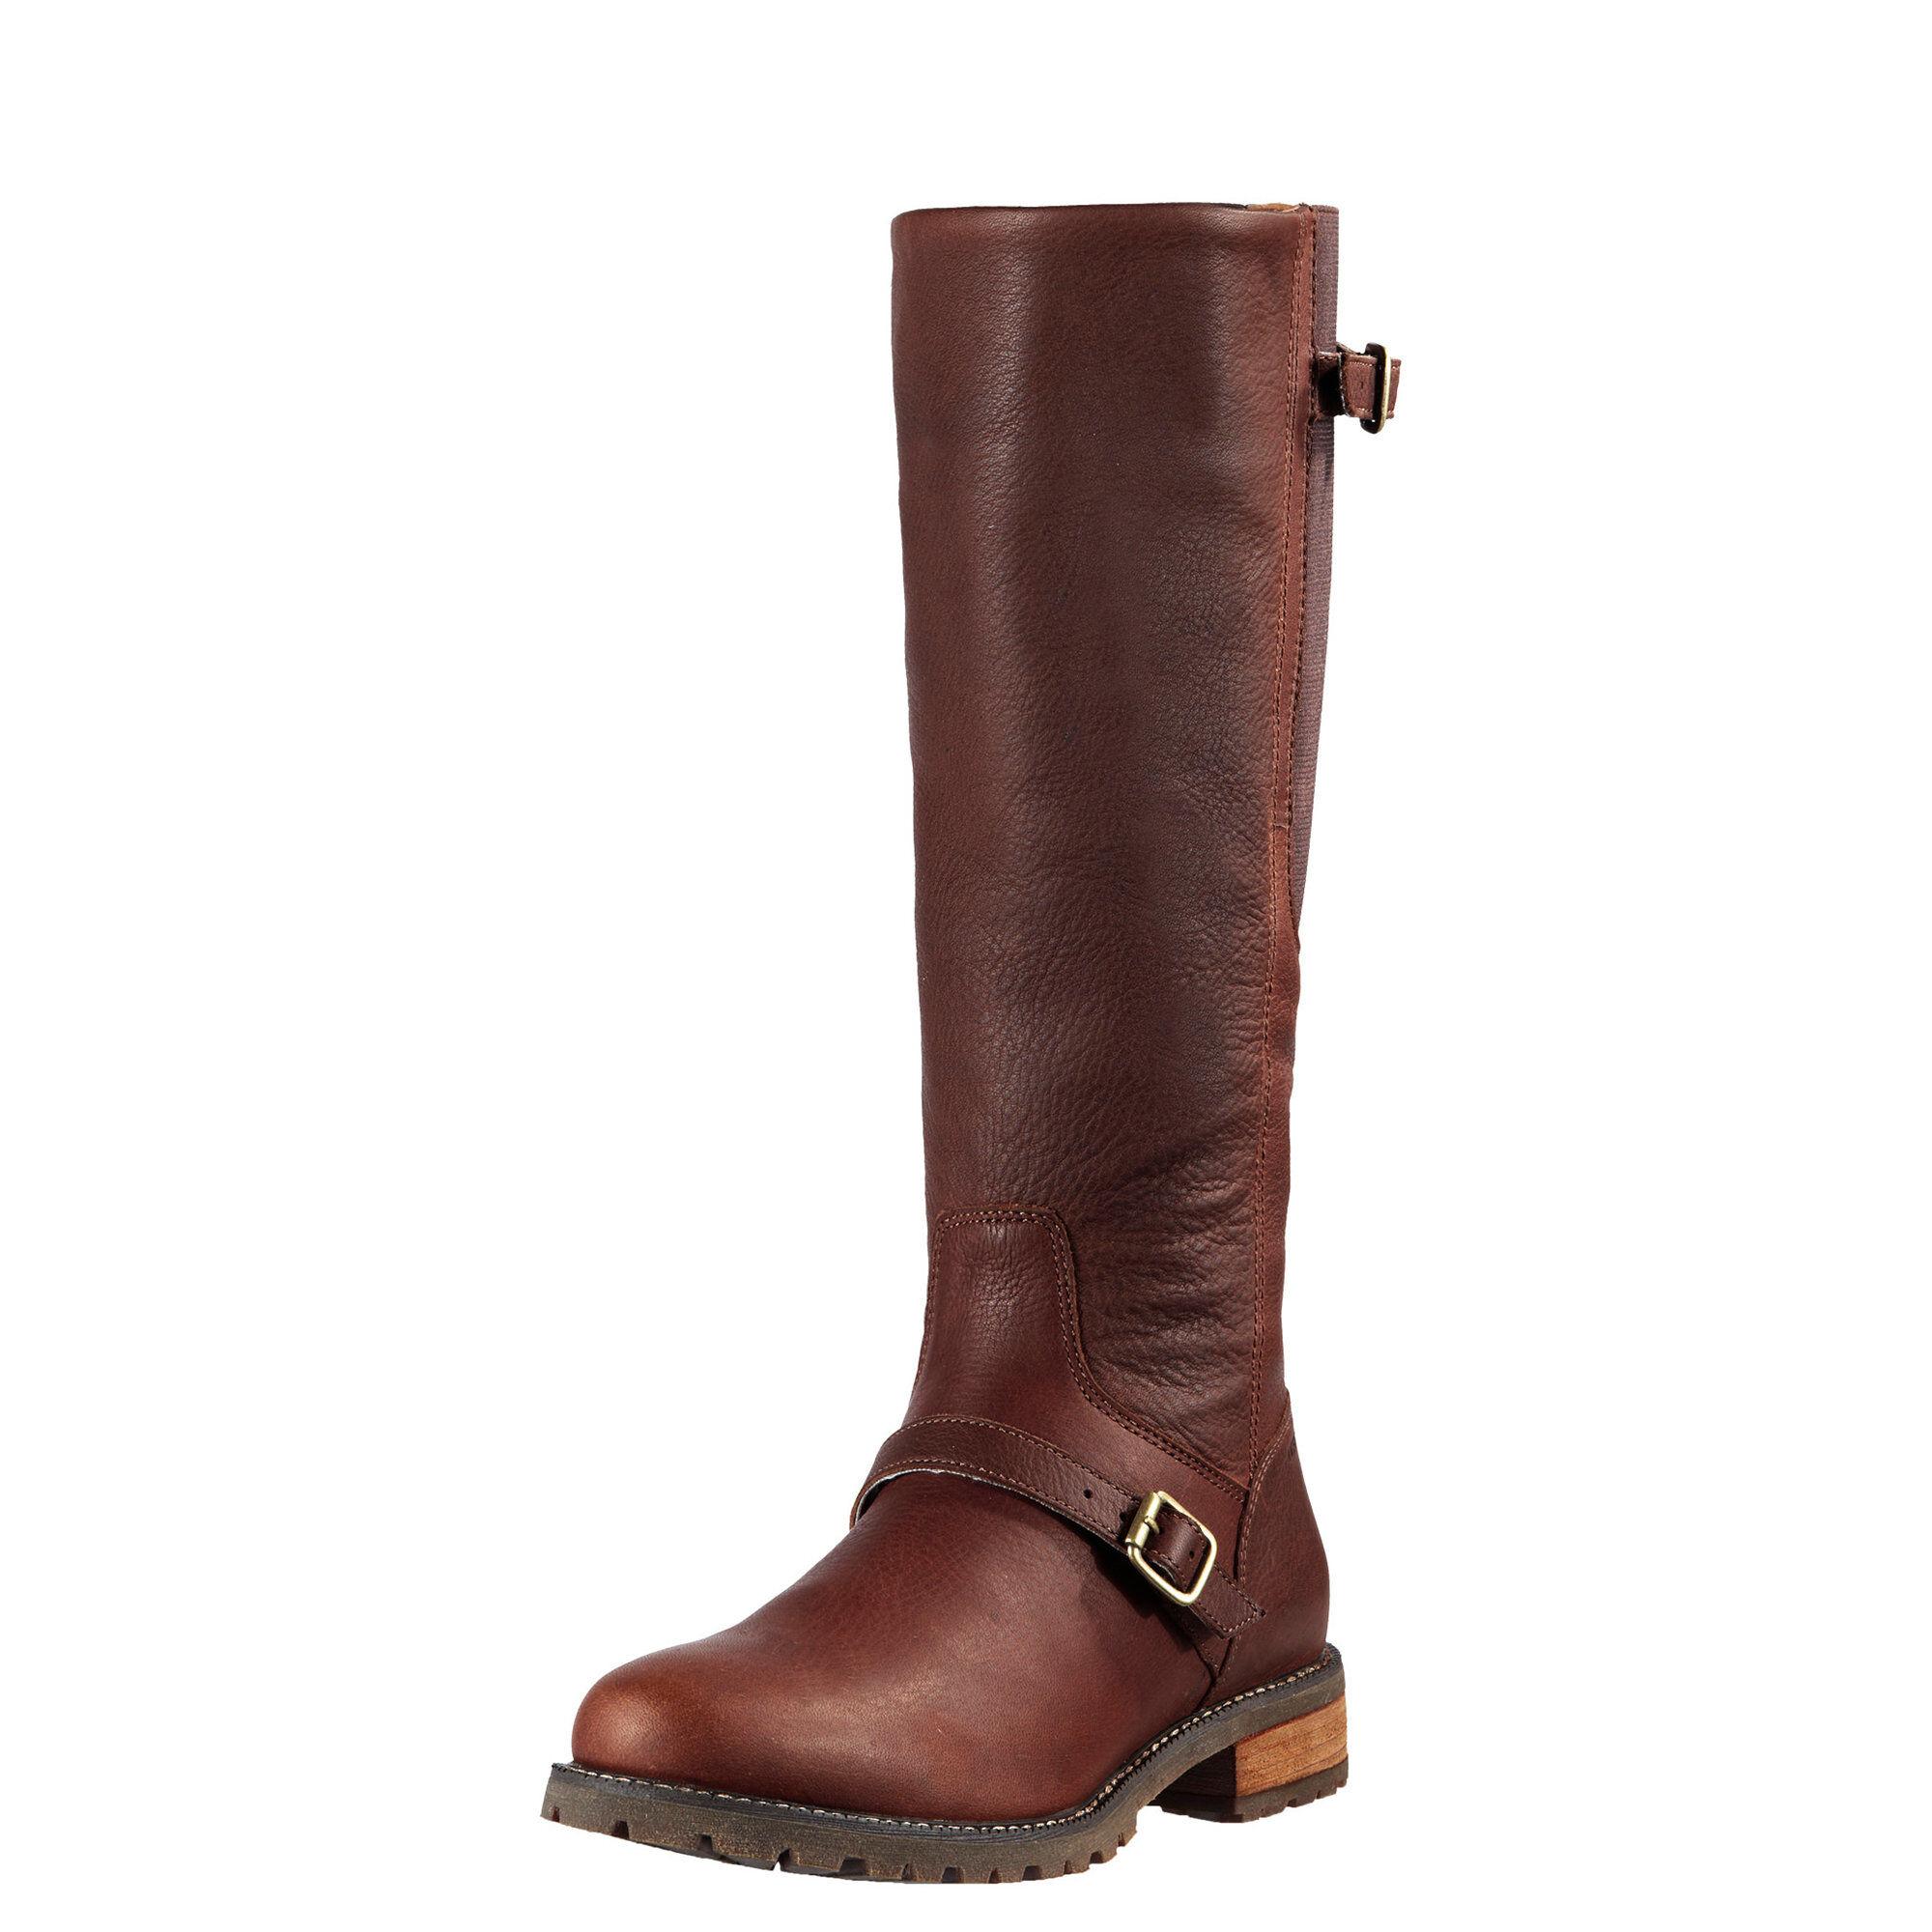 Stanton Waterproof Boot